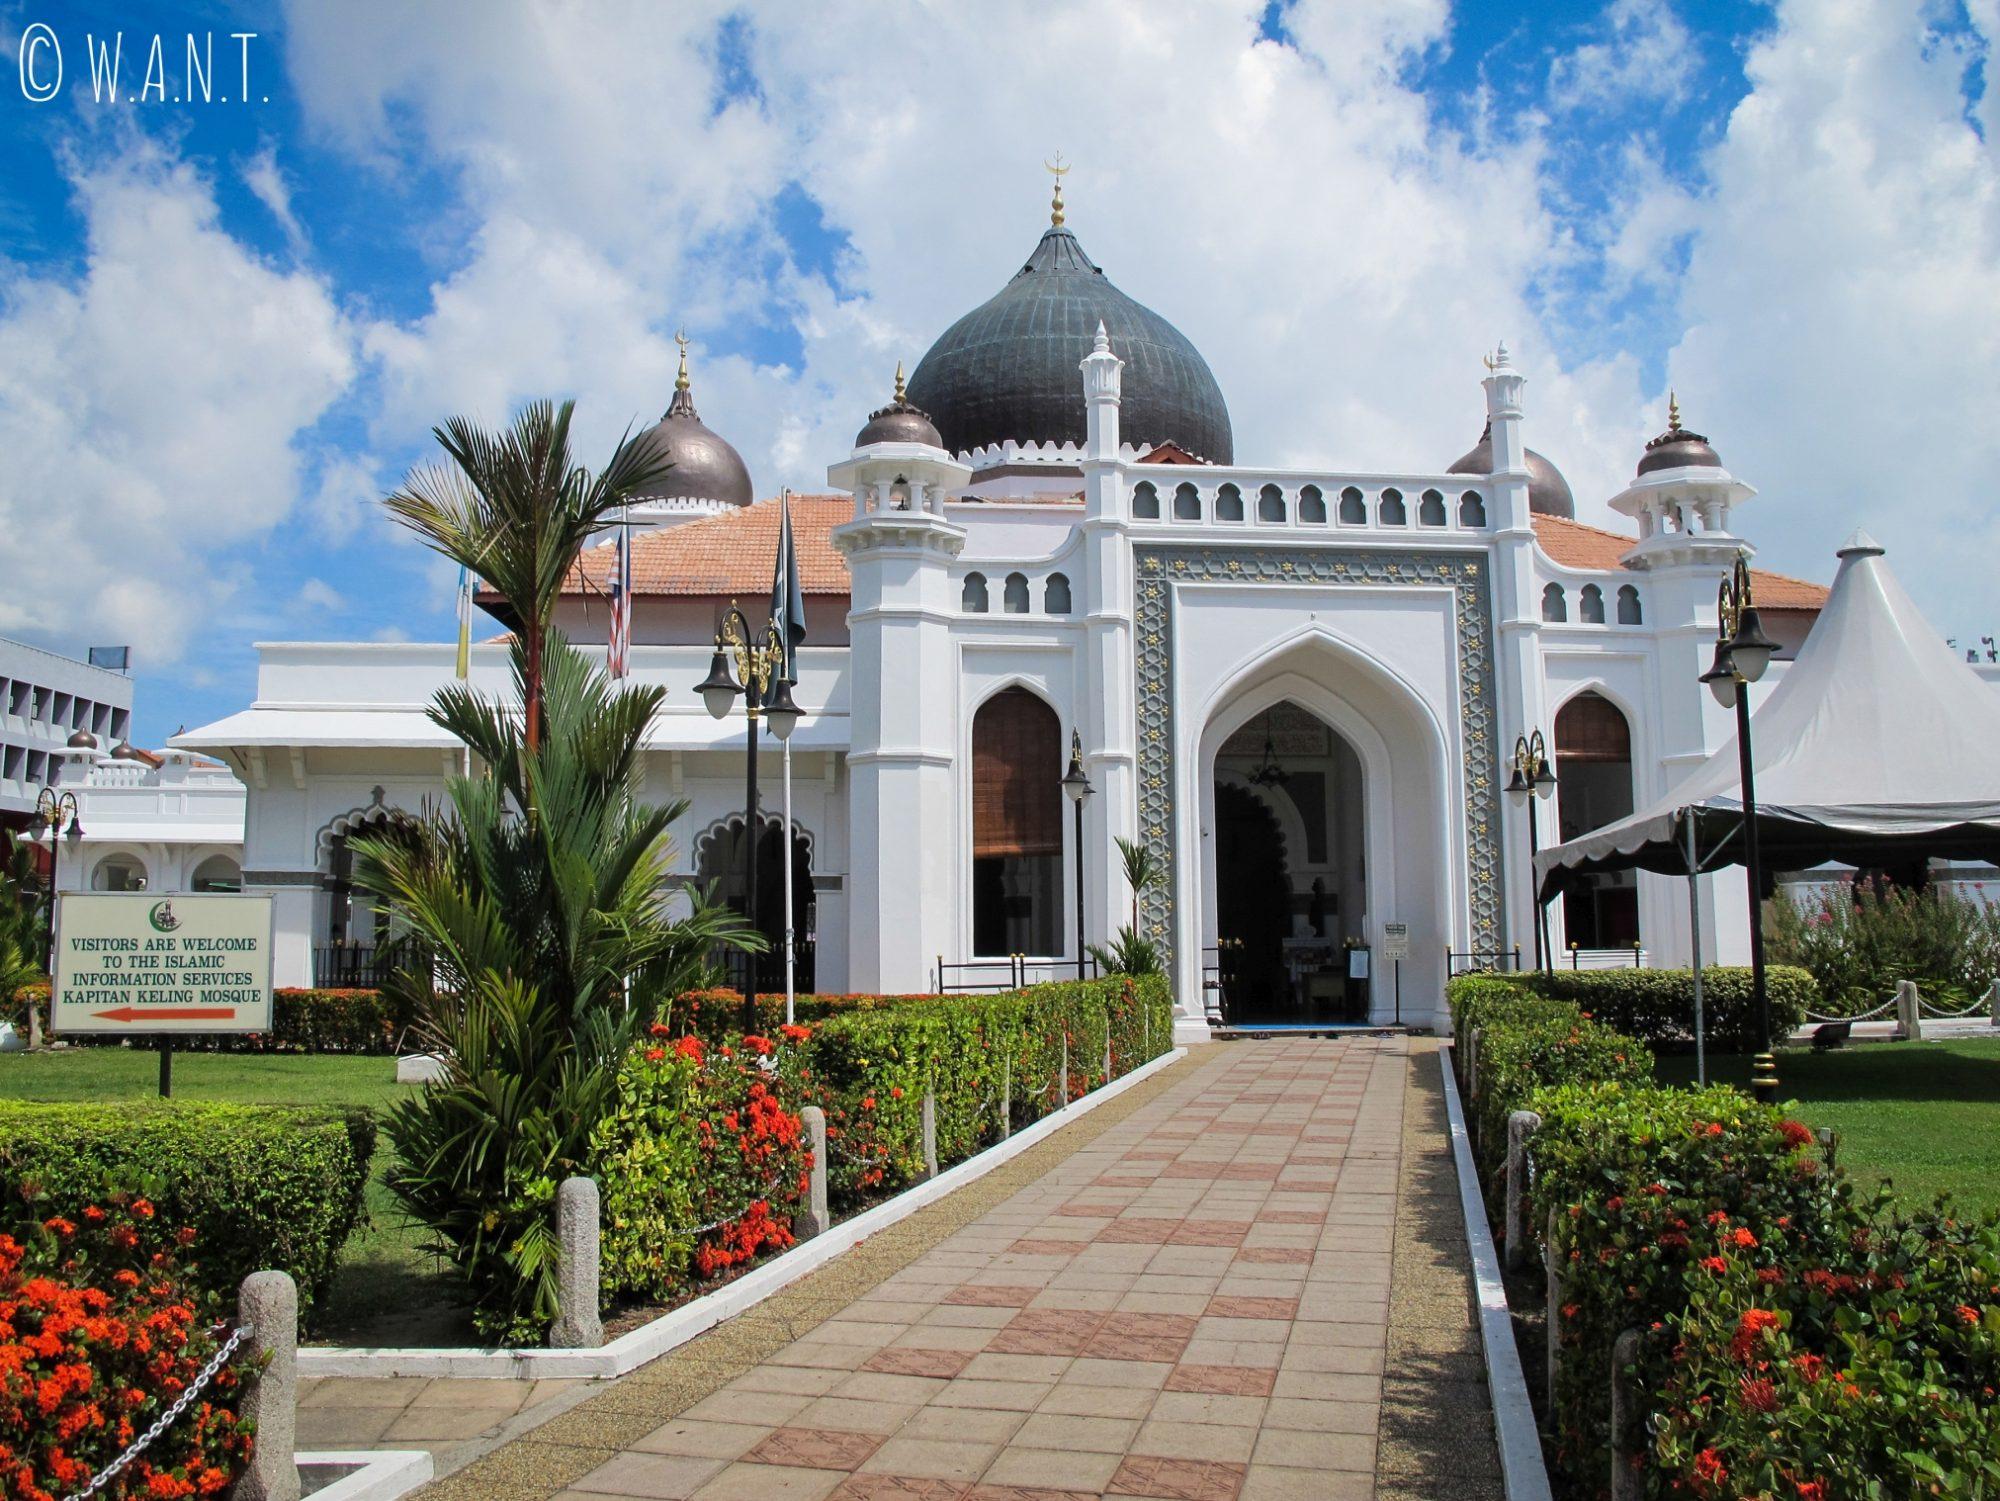 Vue sur la mosquée Kapitan Keling de Georgetown à Penang